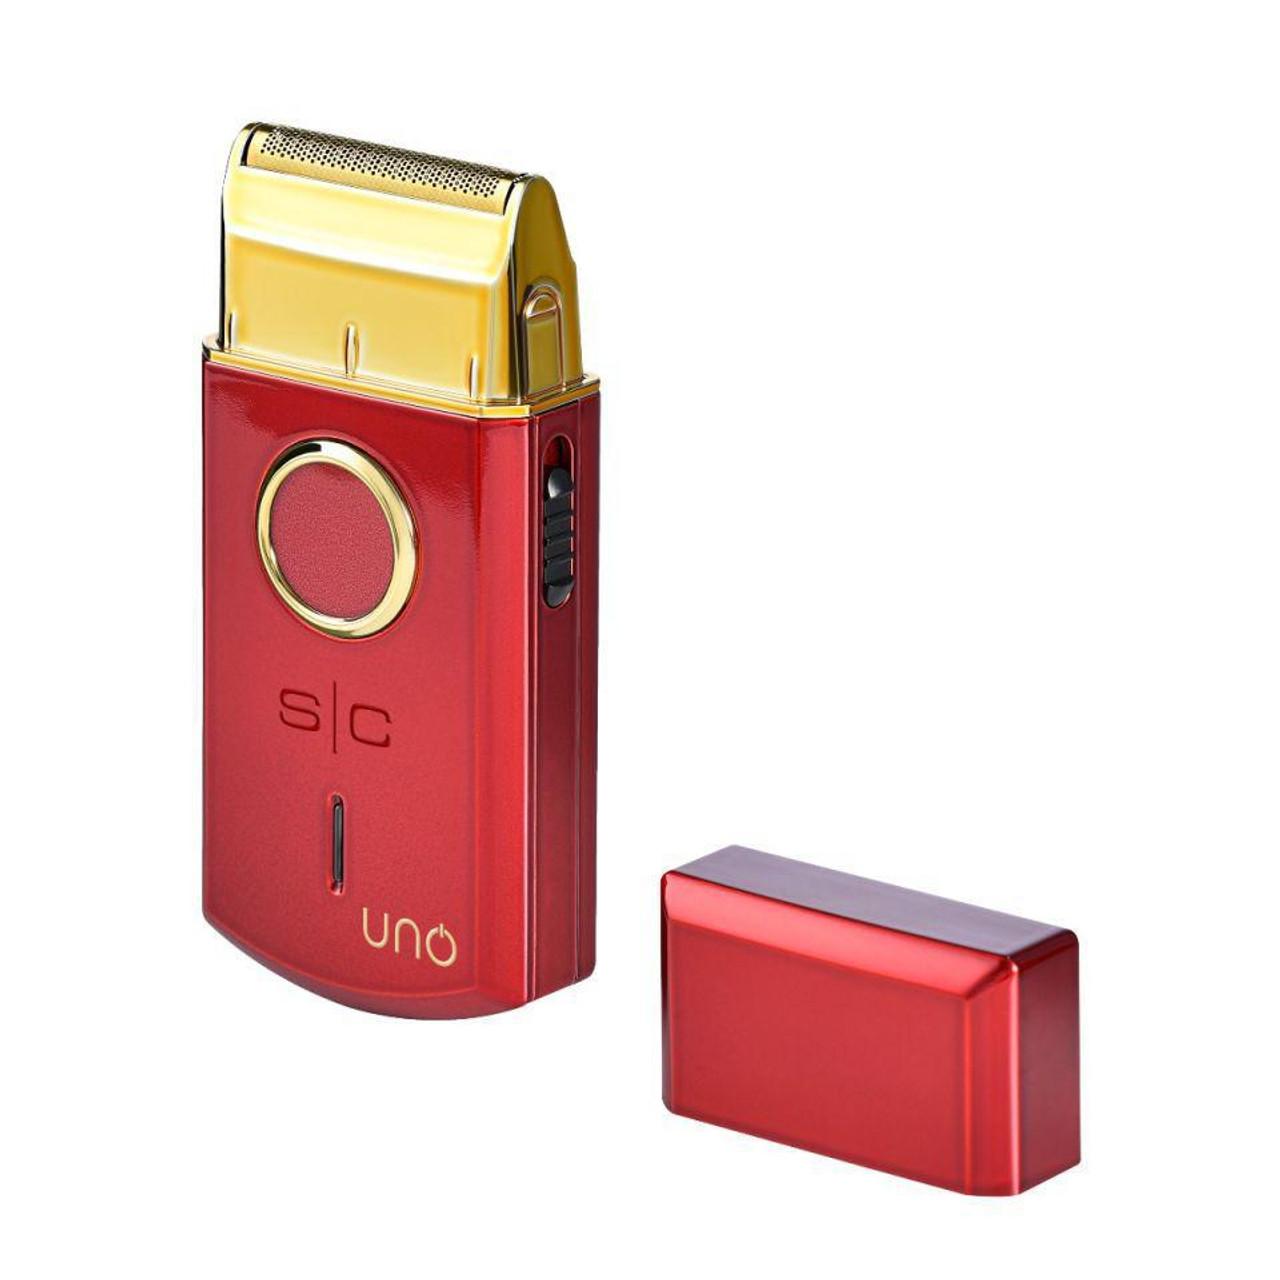 Stylecraft Uno Shaver Red